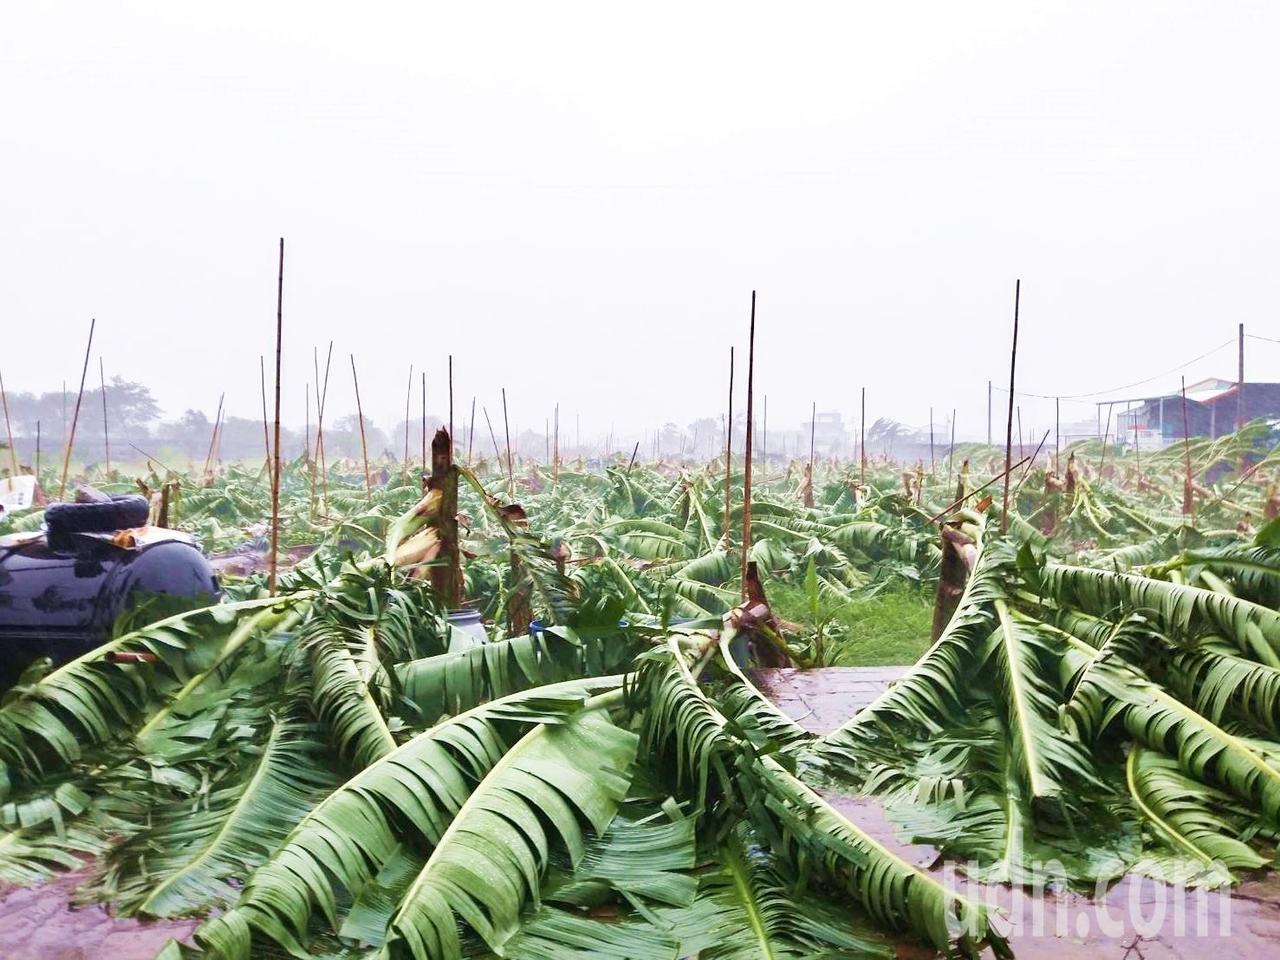 白鹿颱風造成台東香蕉倒伏及葉面破損計66公頃。記者羅紹平/攝影